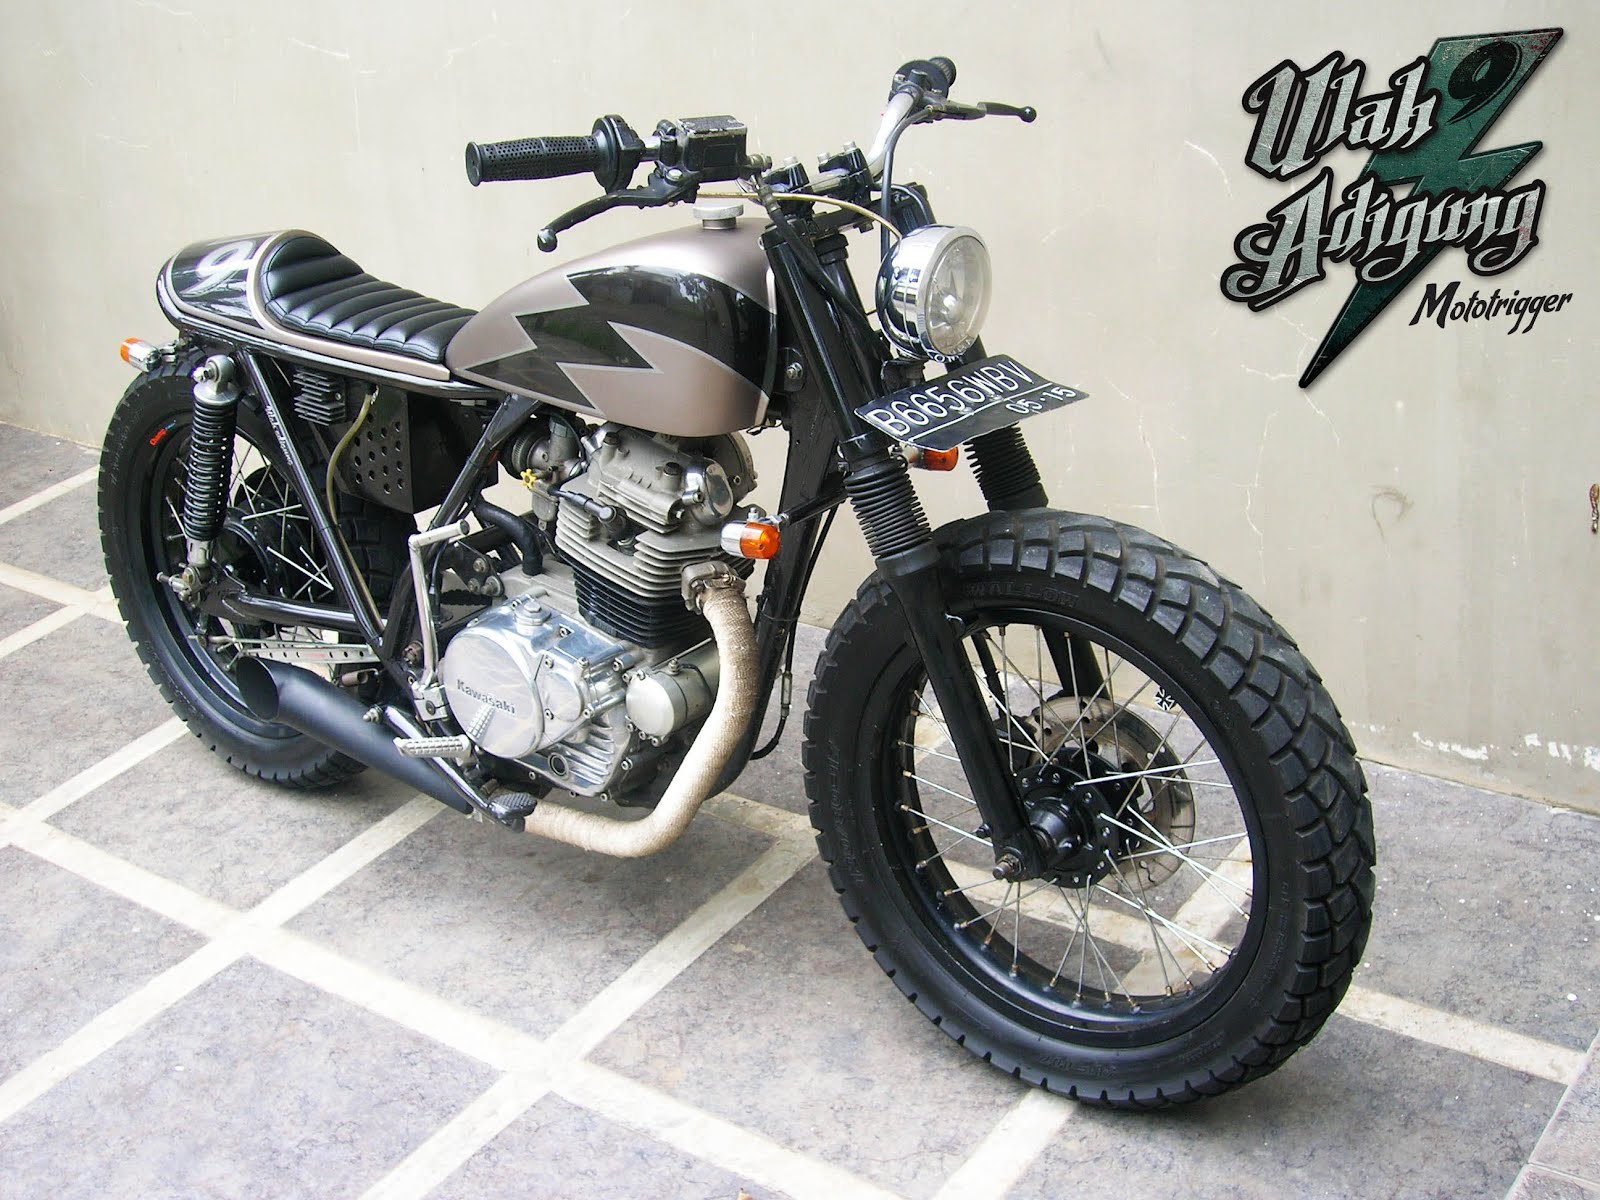 Kawasaki Motorcyclesclubs B